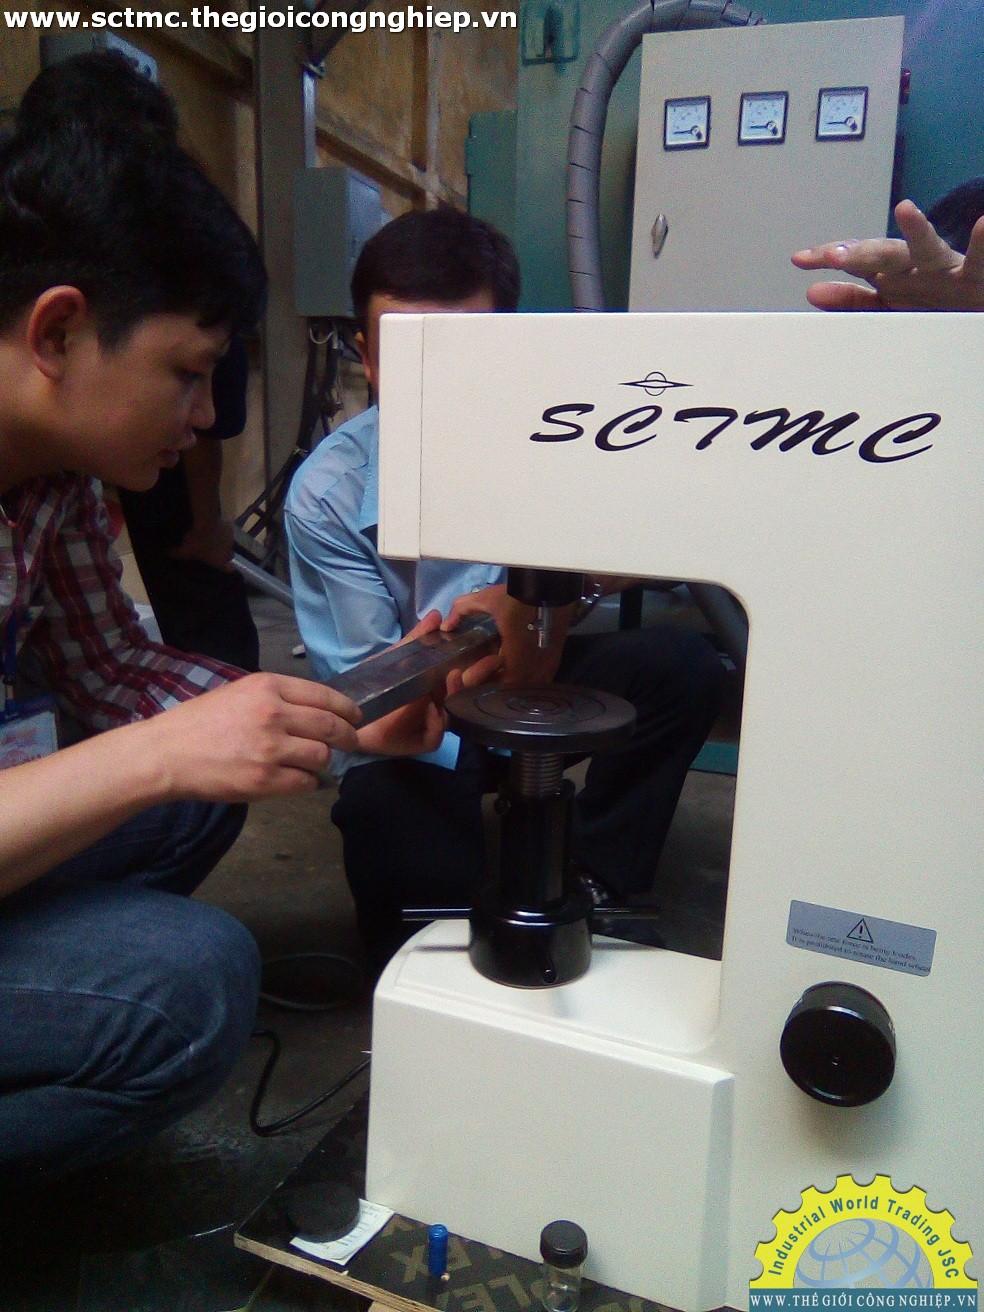 Bàn giao và hướng dẫn sử dụng máy đo độ cứng SCTMC cho khách hàng